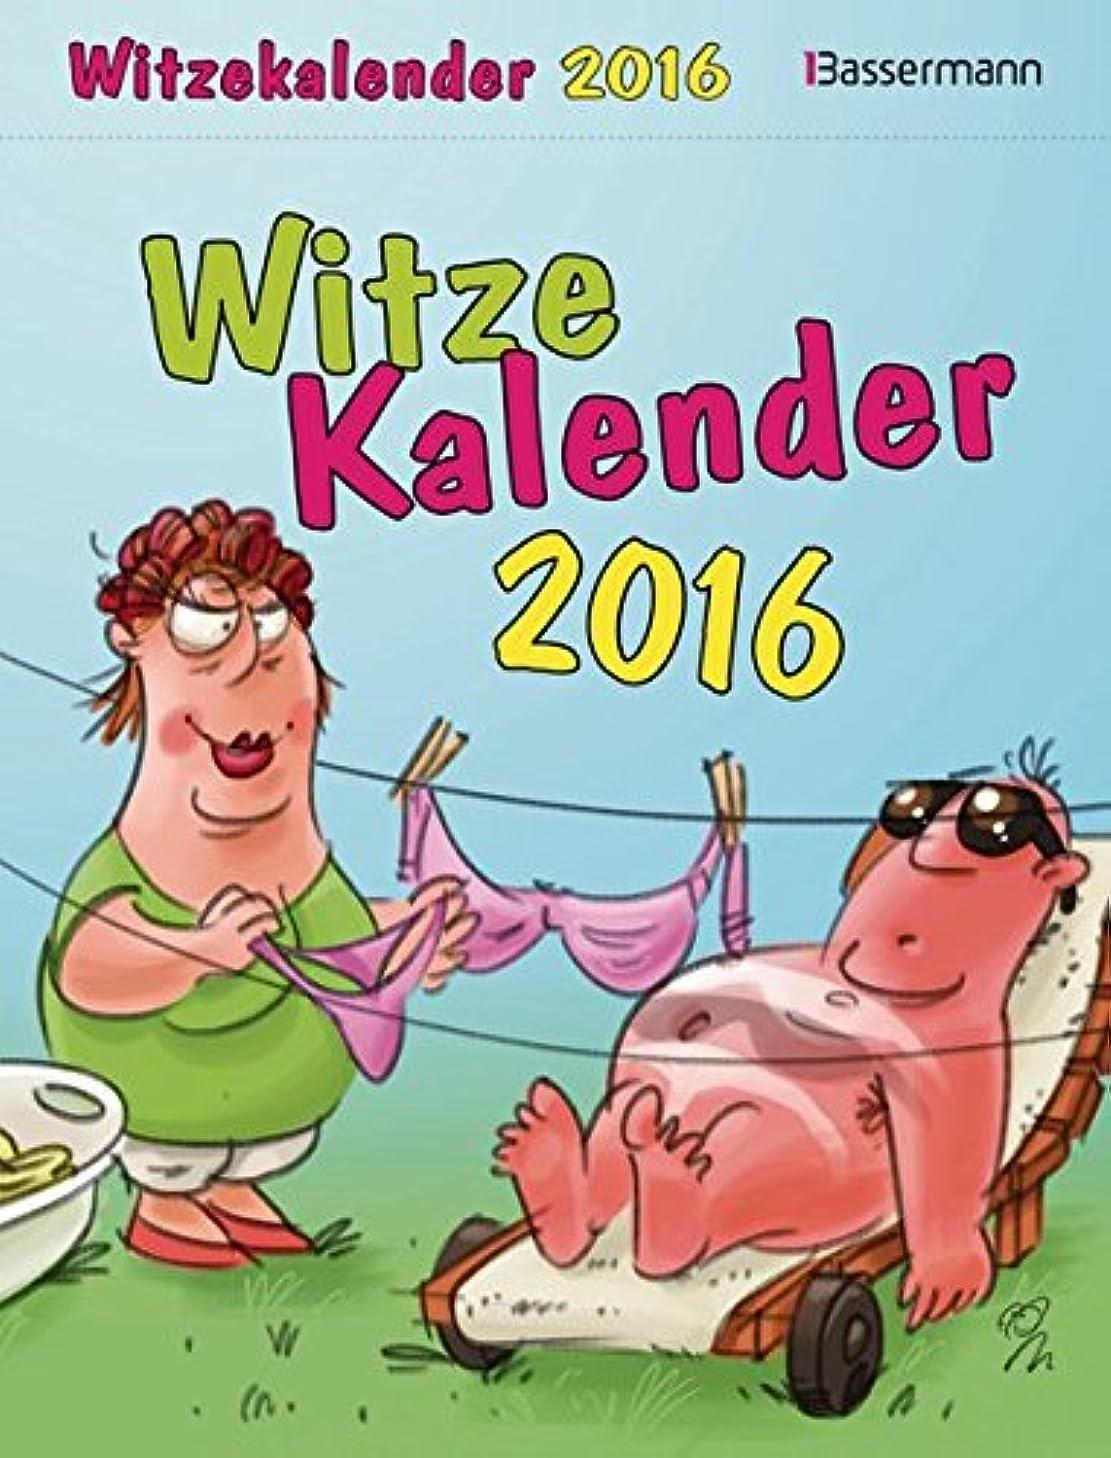 カレンダー割り込みアートWitzekalender 2016 Abreisskalender